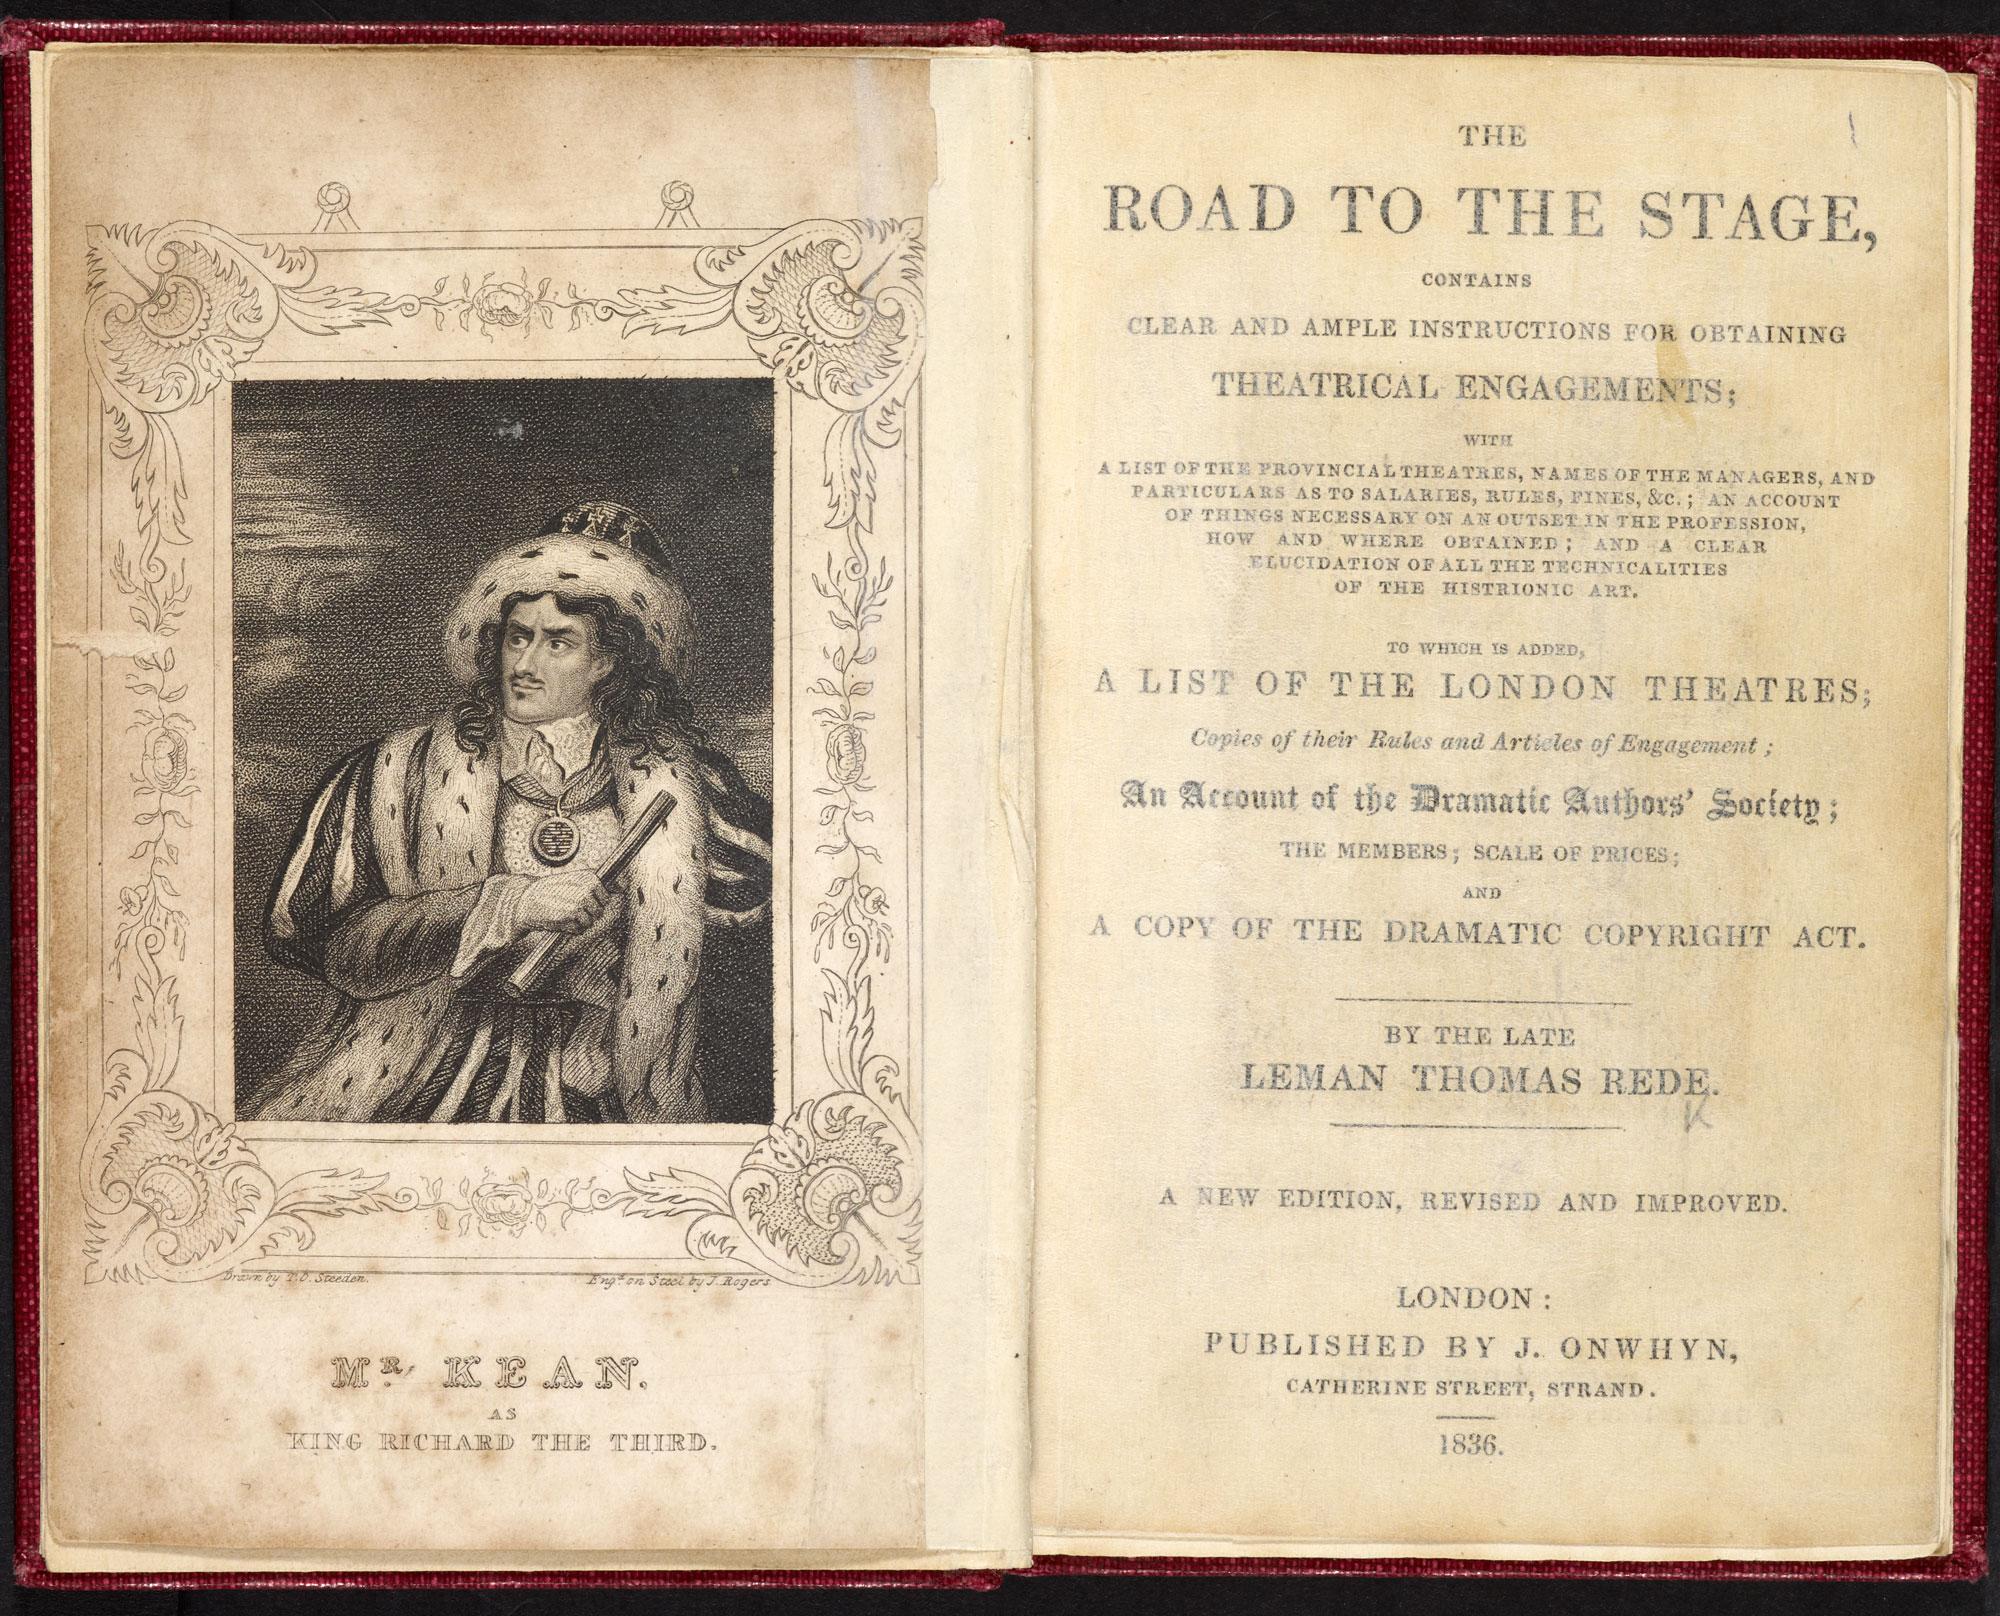 Theatre in the 19th century